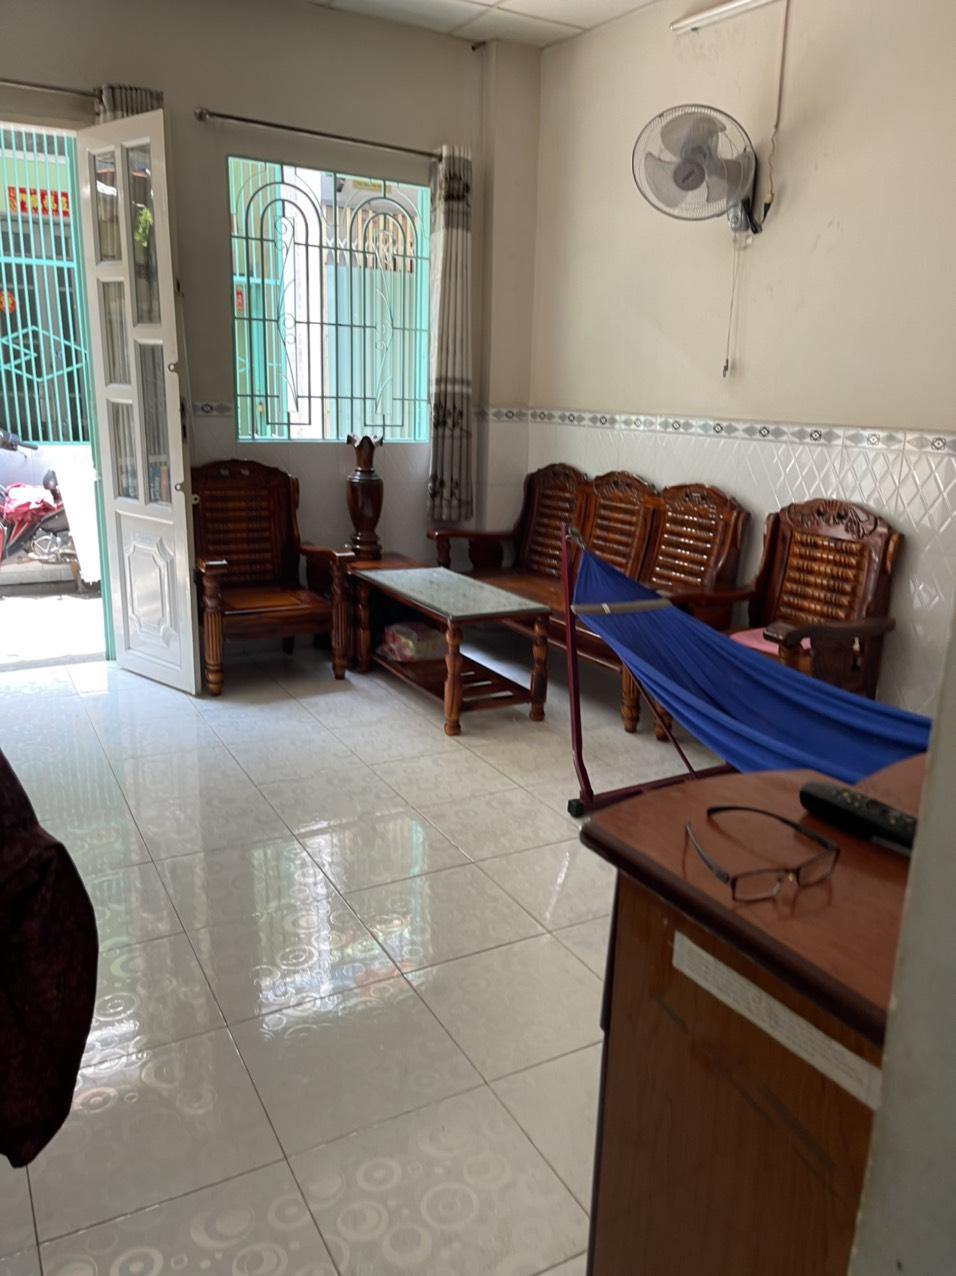 Bán nhà hẻm 137 Phan Anh quận Bình Tân dưới 3 tỷ mới nhất